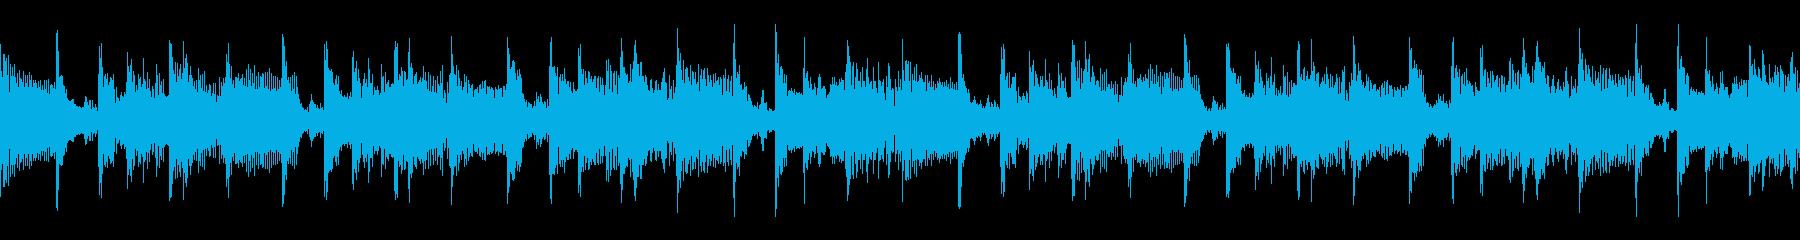 キャッチーなメロディーと少しのシン...の再生済みの波形